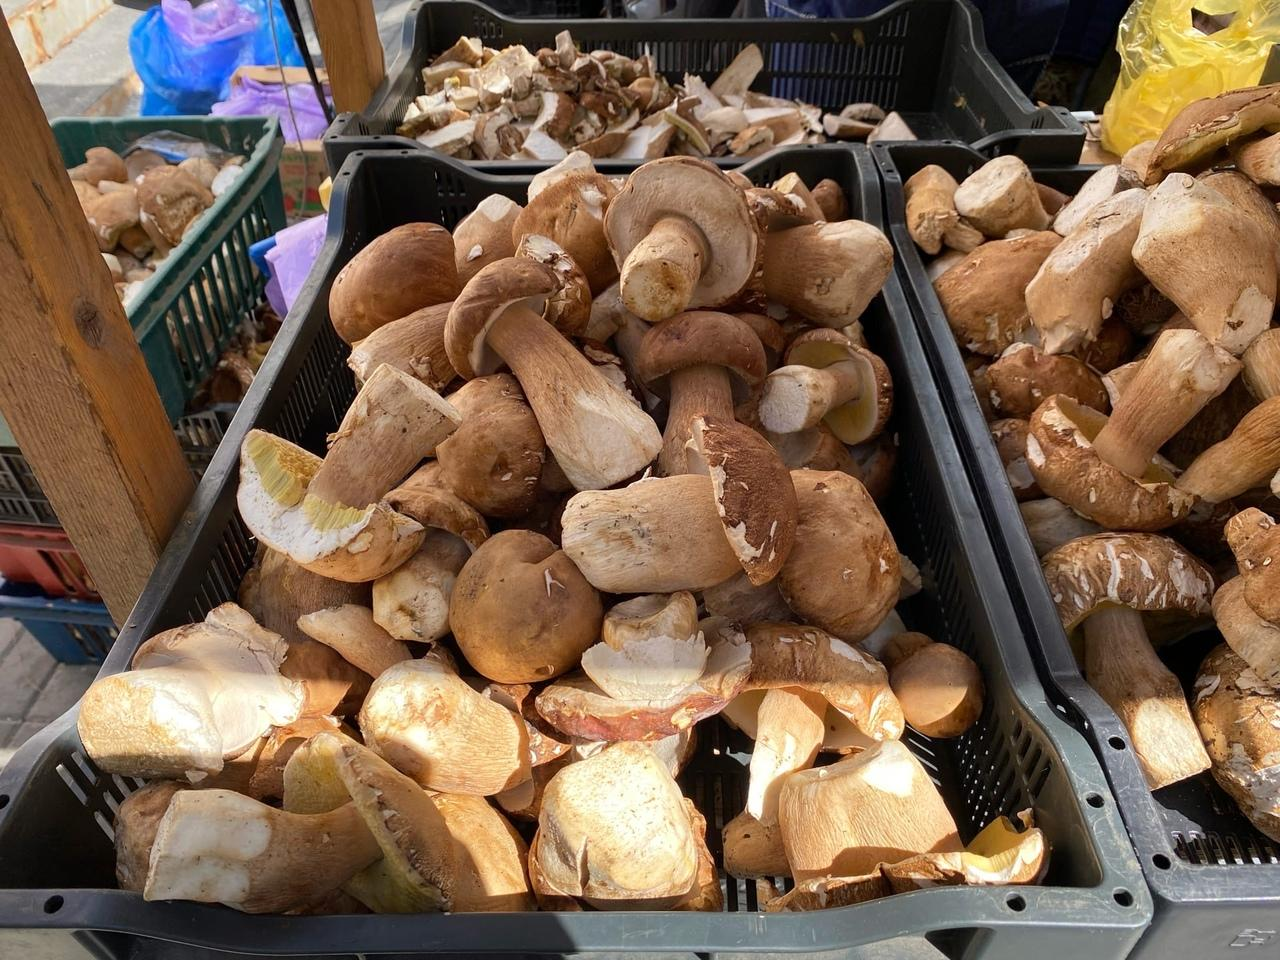 фото В Новосибирске грибники пожаловались на плохой урожай дикоросов летом 2021 года 2